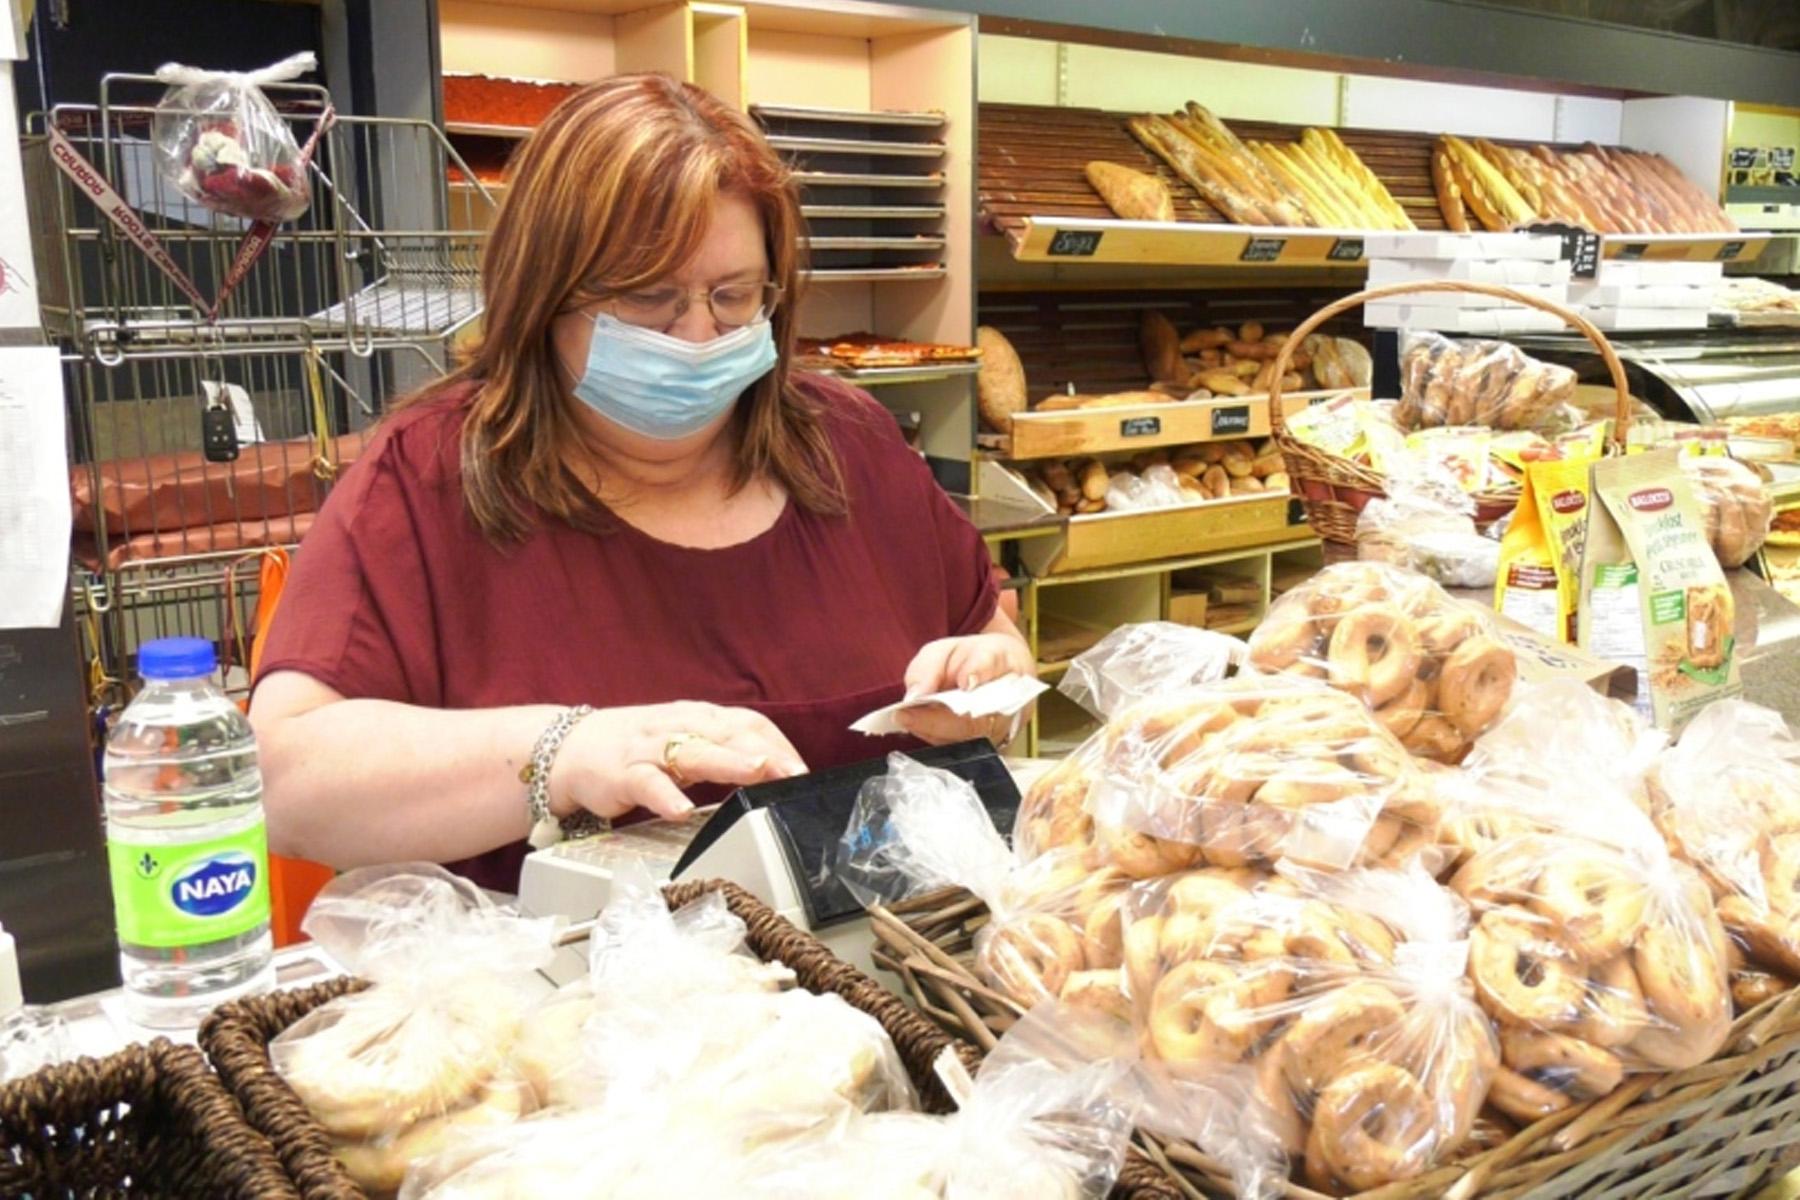 صاحب یکی از نانوایی های مونترال به ماموران پلیس زبان کبک : کسب و کارهایی که در روزهای پاندمی دچار مشکل شده اند را جریمه نکنید